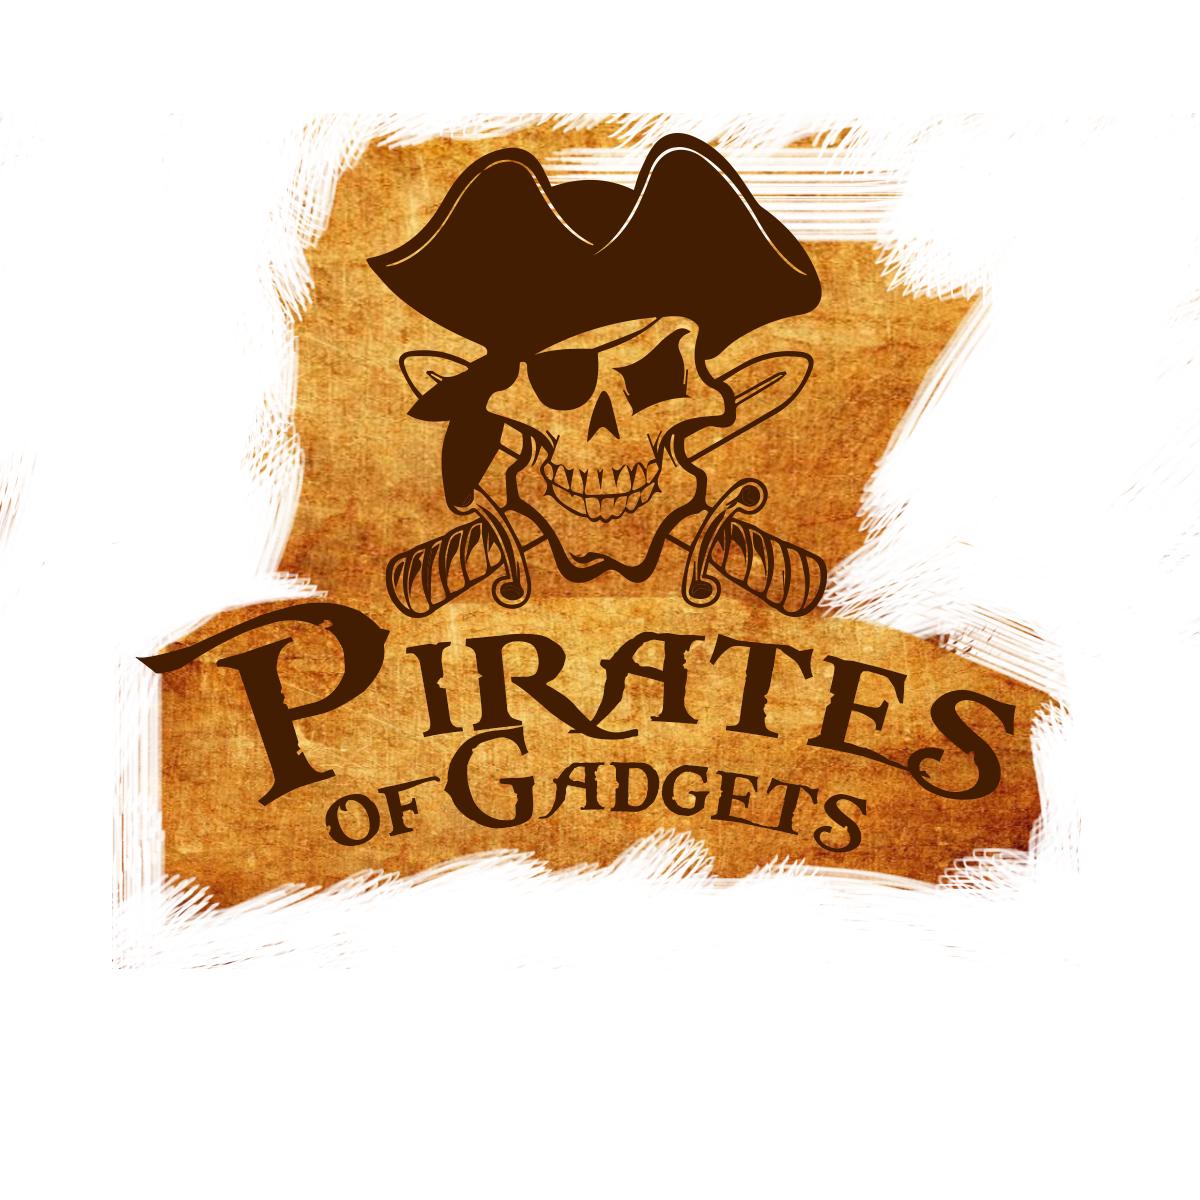 Logo for Pirates of Gadgets | Business logo, Business logo ...